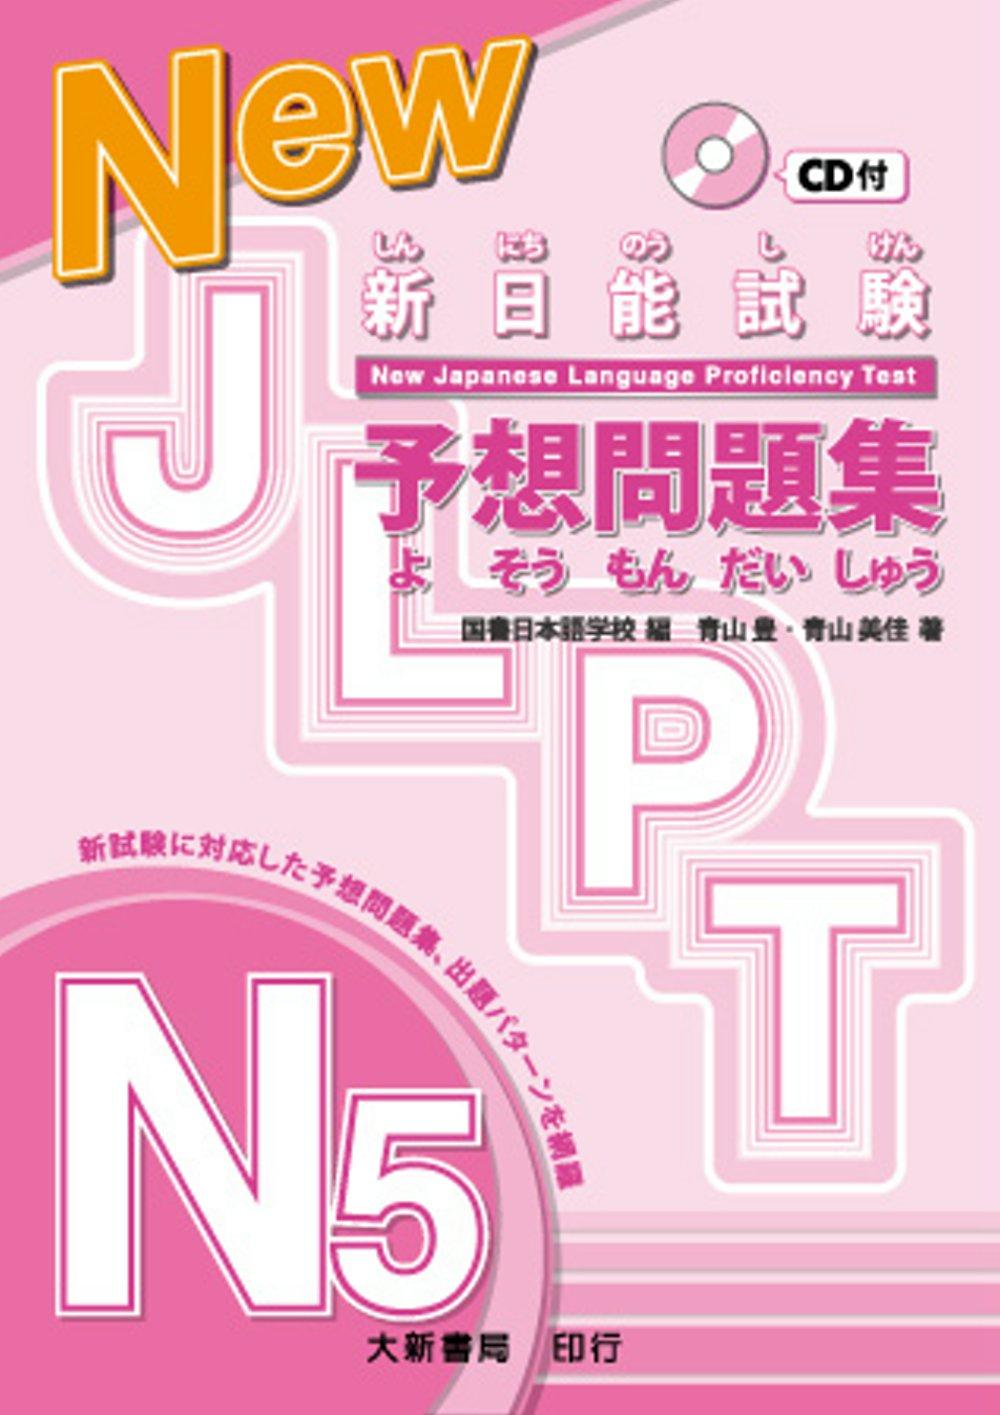 新日能試験 予想問題集 -N5-(附有聲CD1片)